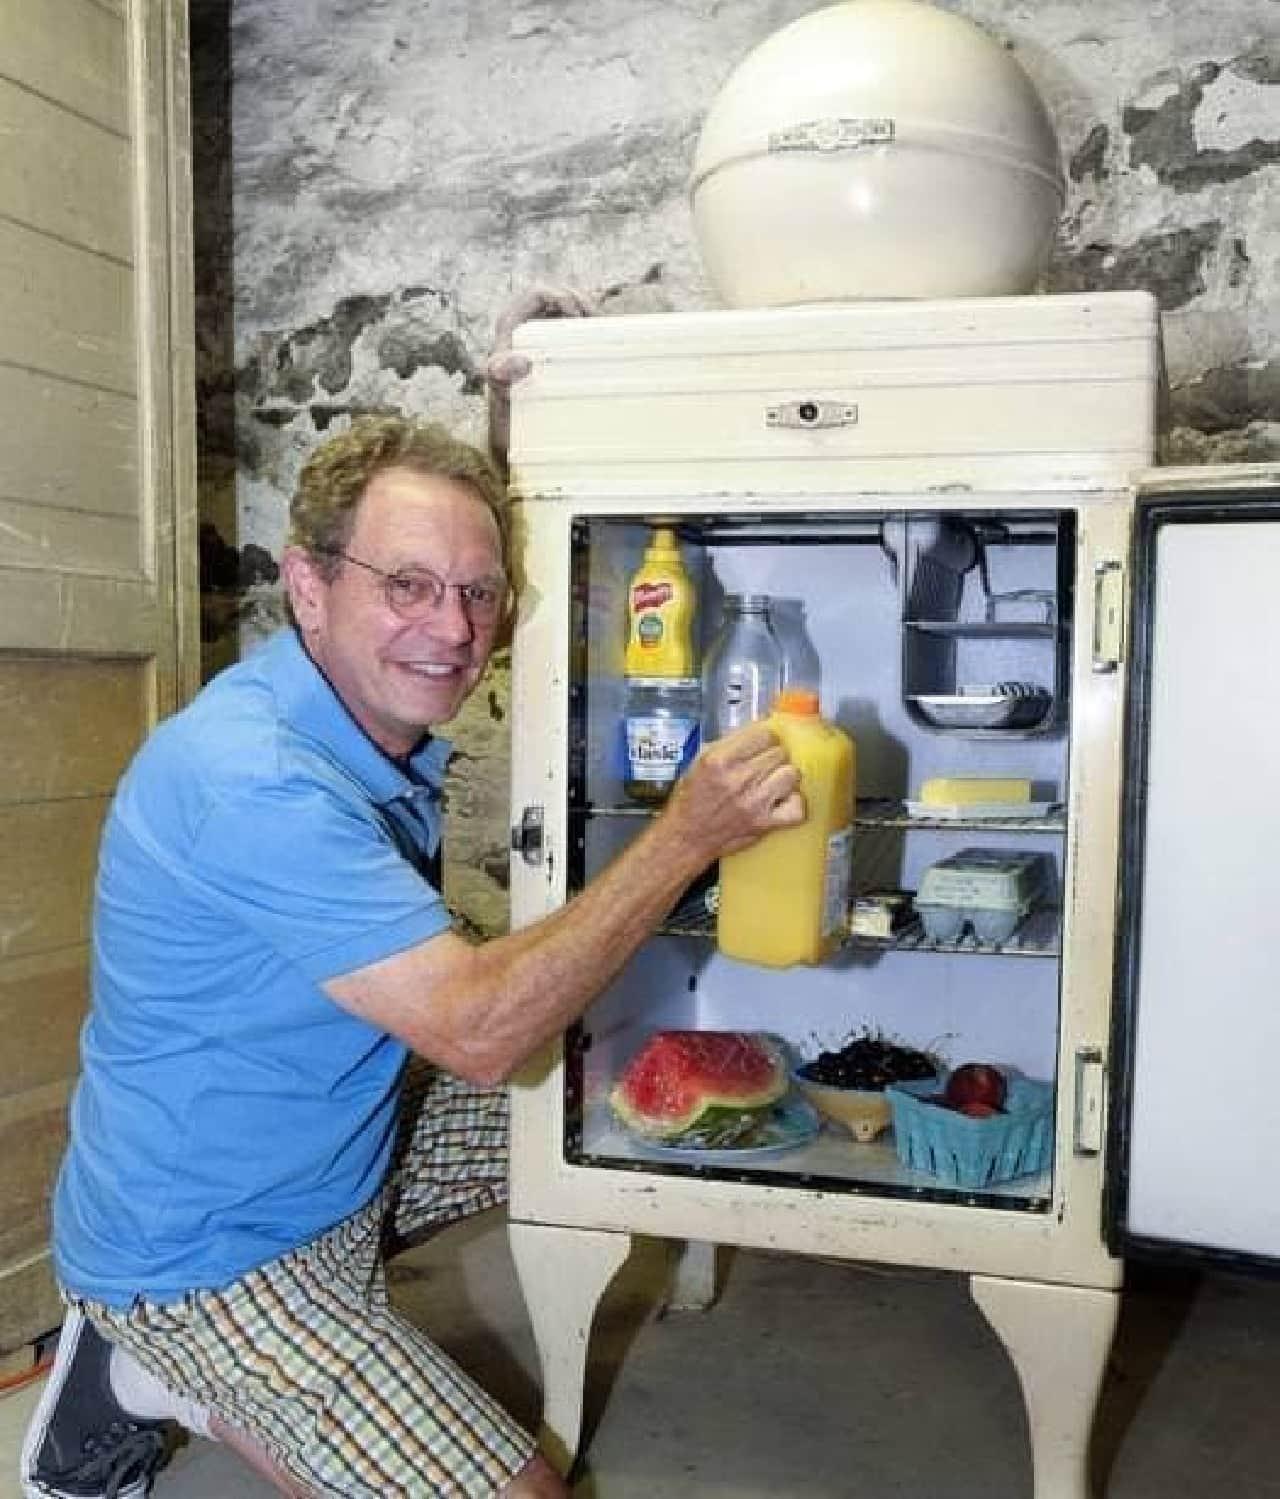 冷蔵庫の所有者 Mark Vail さん(出典:New York Post)